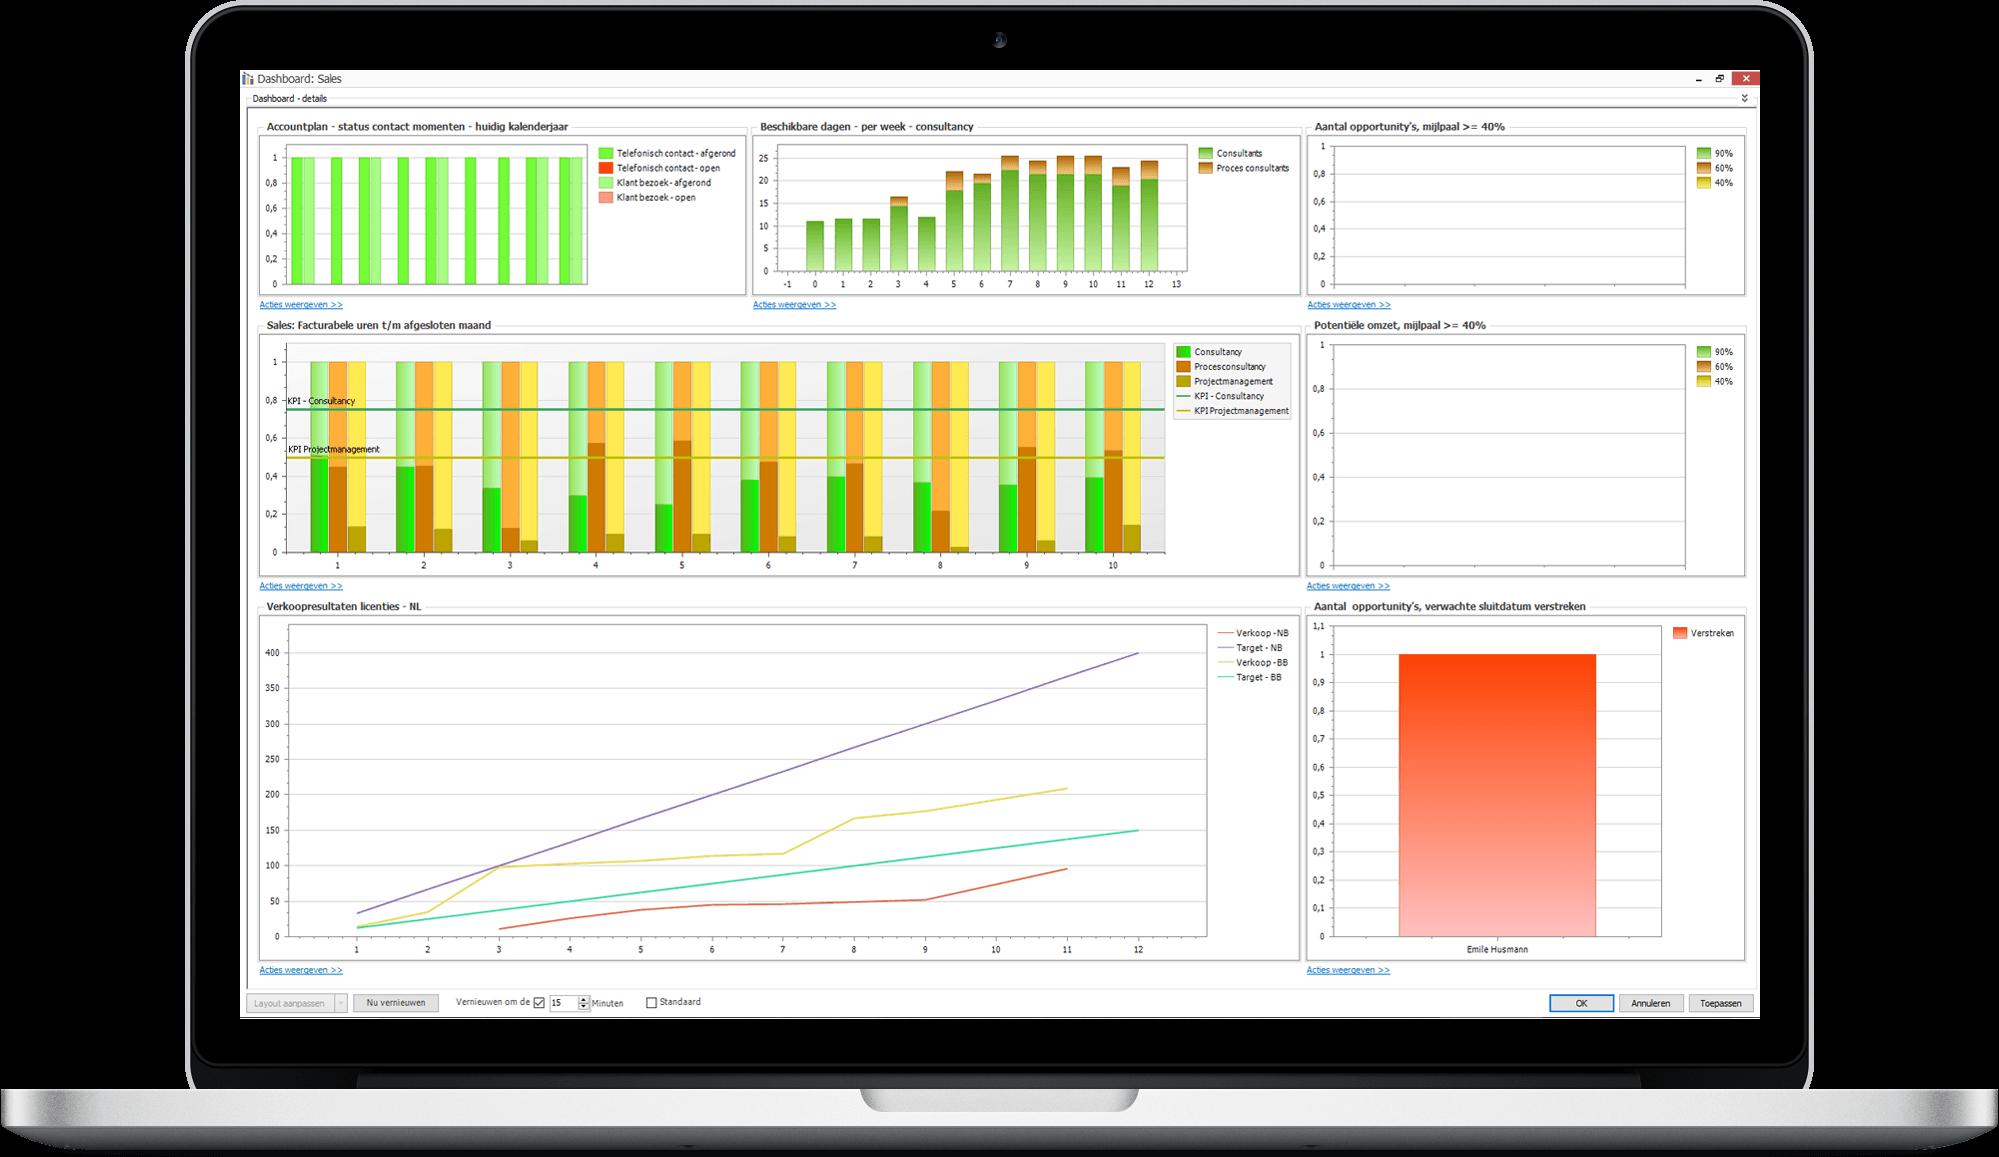 Krijg inzicht in de performance van de service-organisatie met handige dashboards in onze ITSM software.